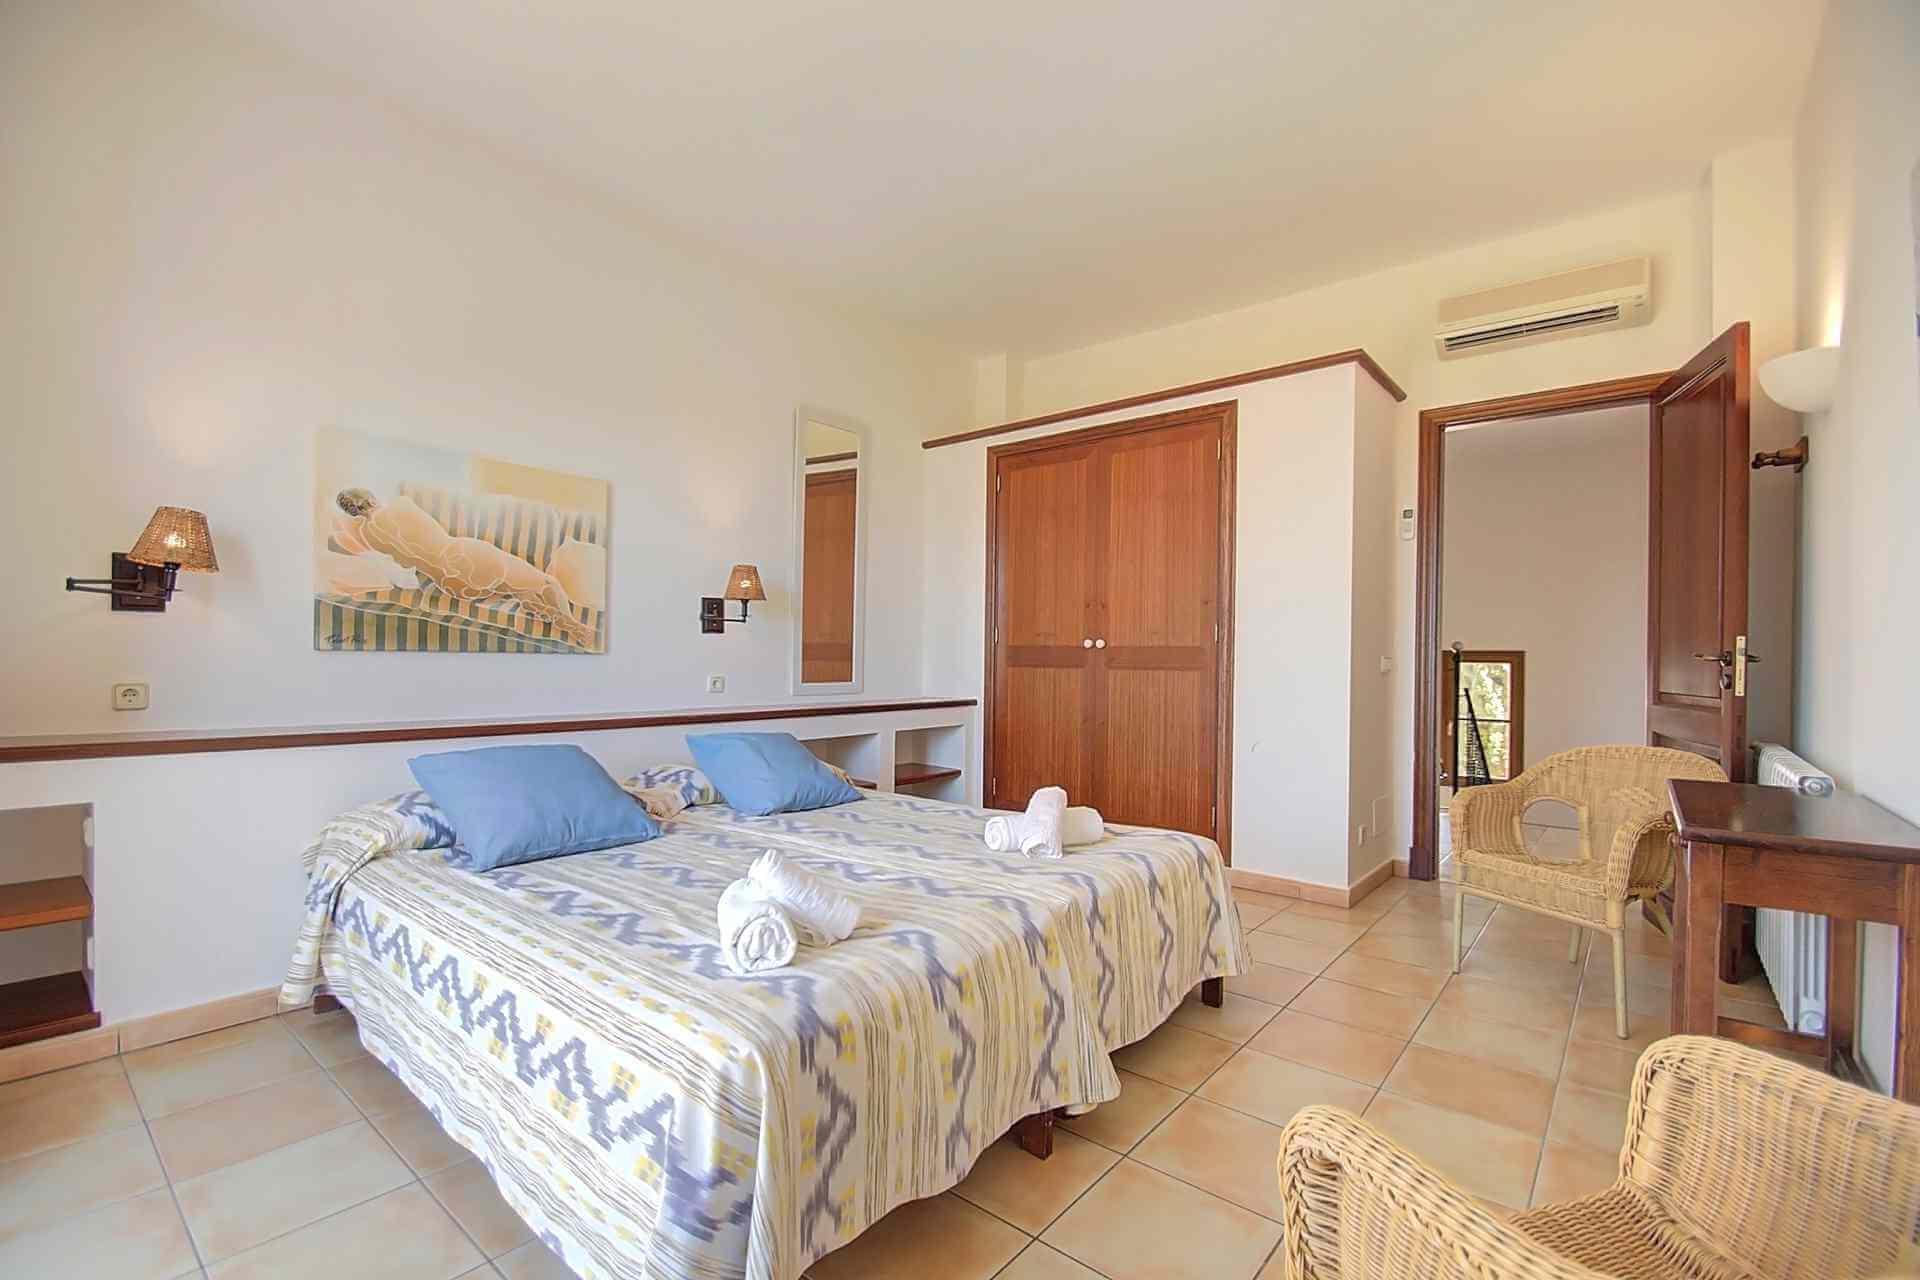 01-38 Mallorquinische Finca Mallorca Osten Bild 24